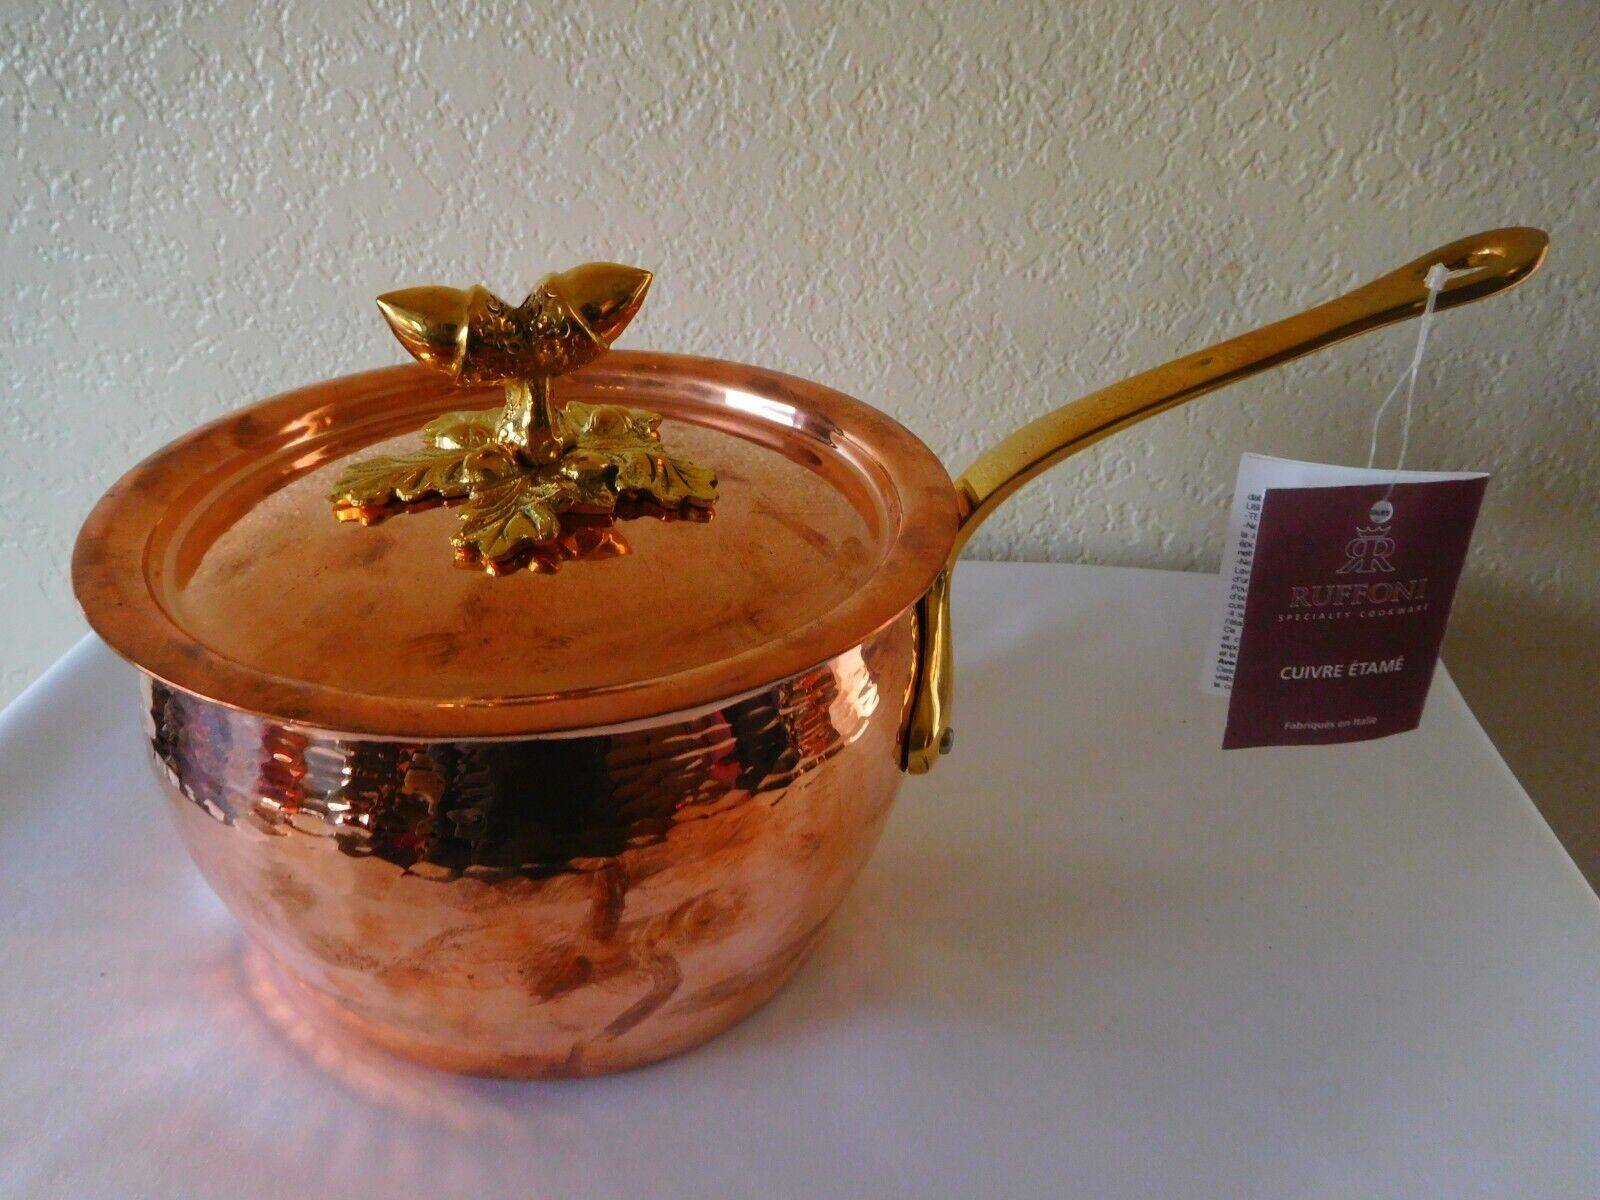 Nouveau Ruffoni Specialty DECOR Cookware Tin doublés de cuivre solides couvert Sauce Pot